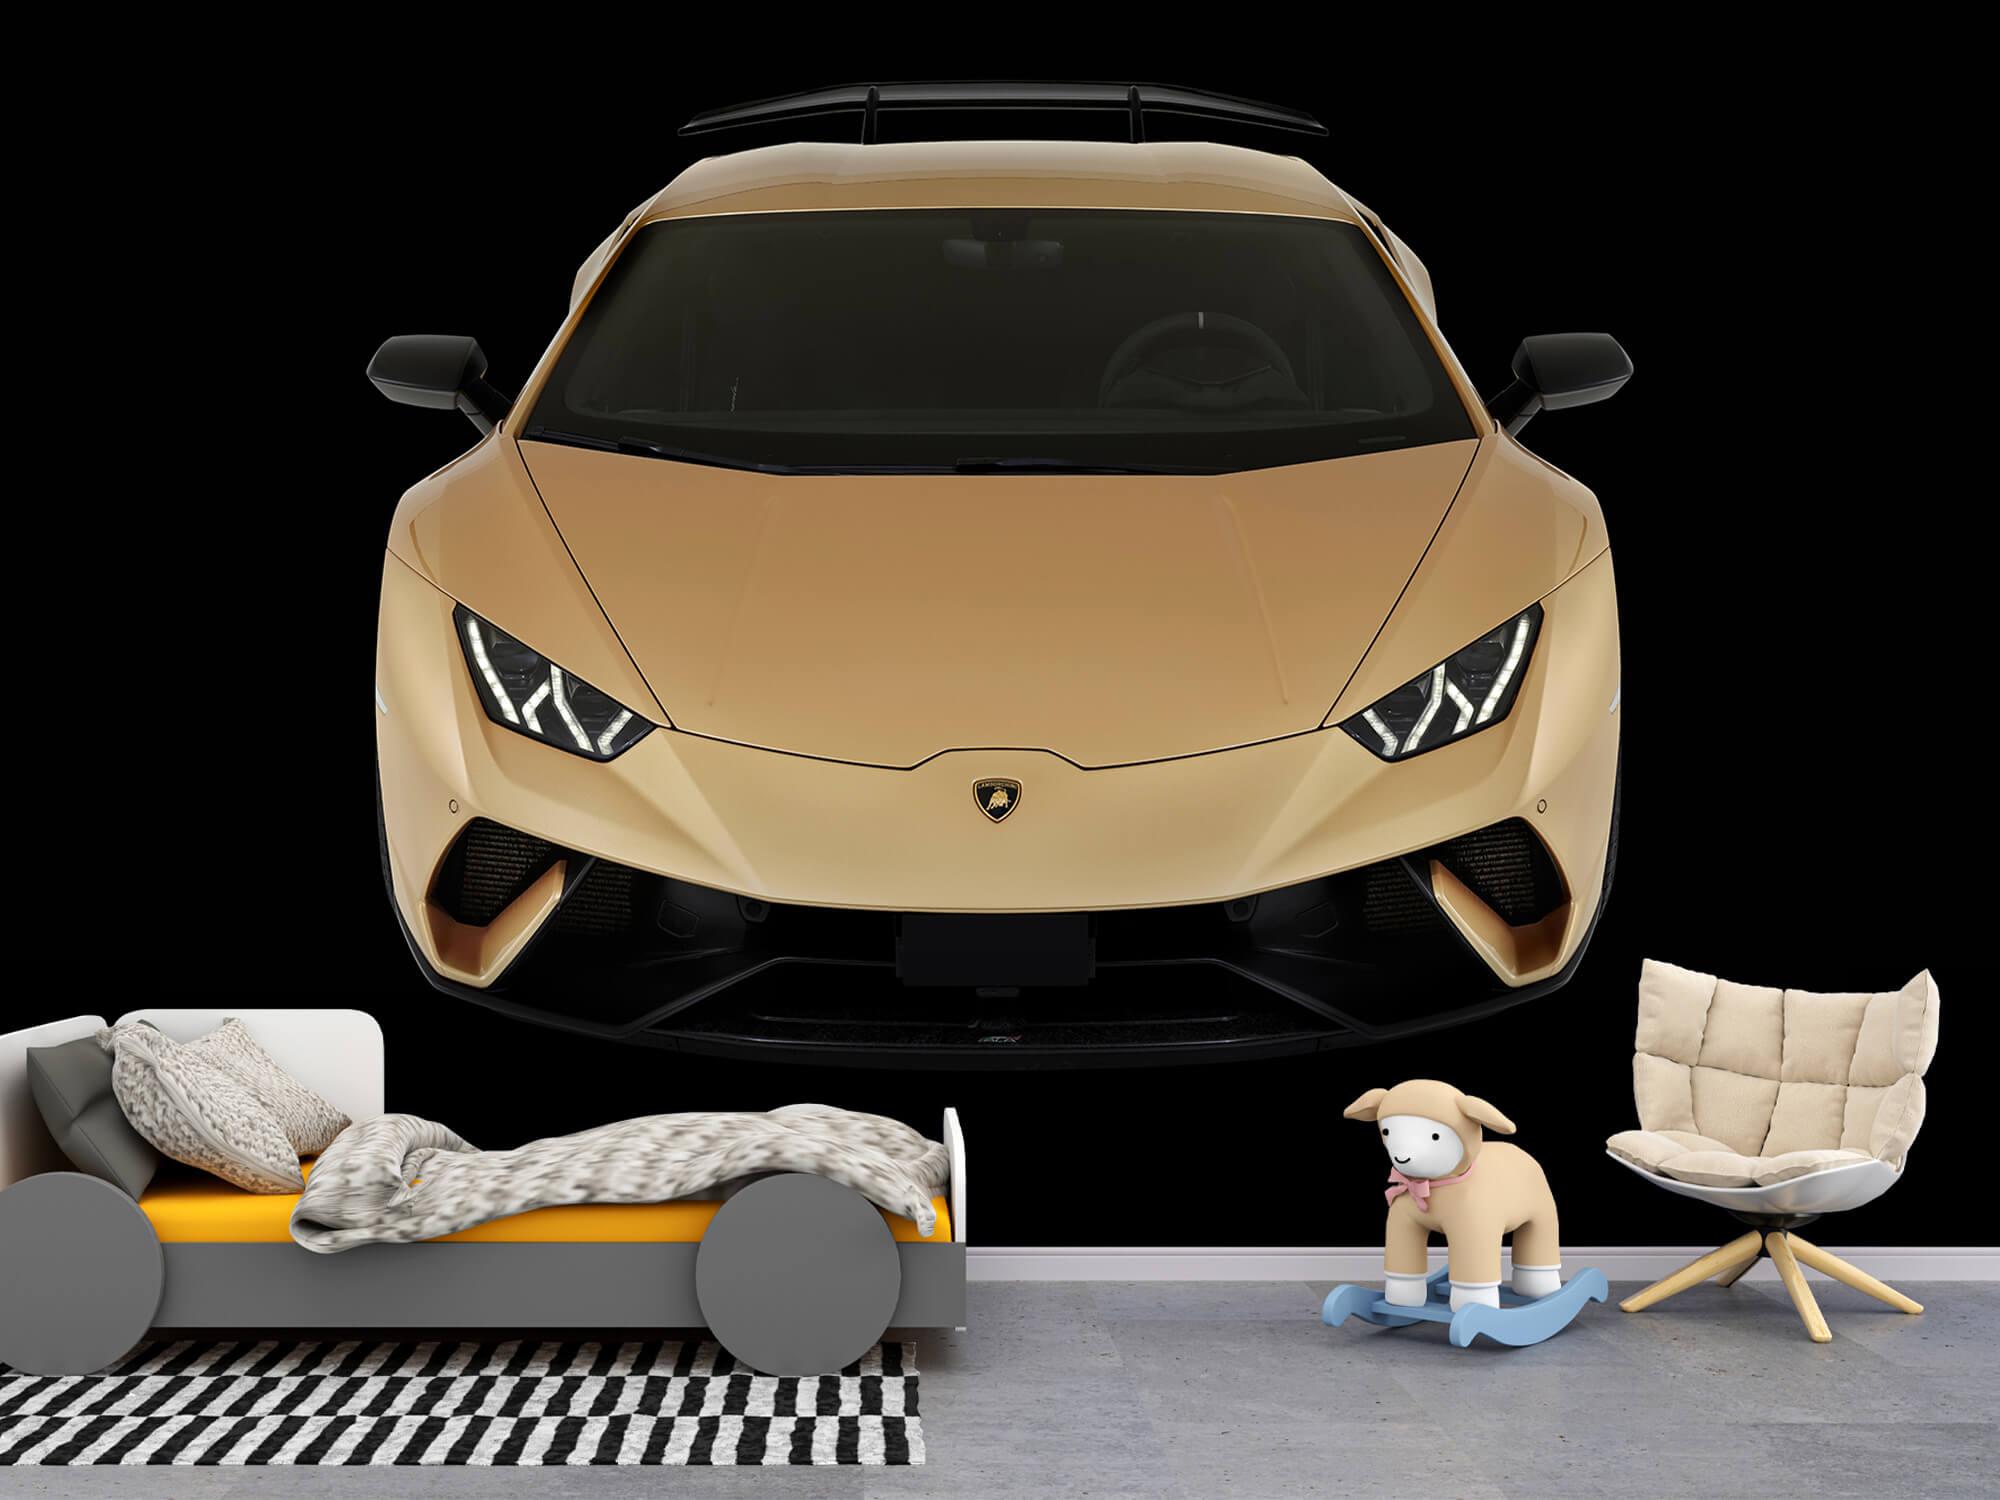 Wallpaper Lamborghini Huracán - Framifrån uppifrån, svart 6